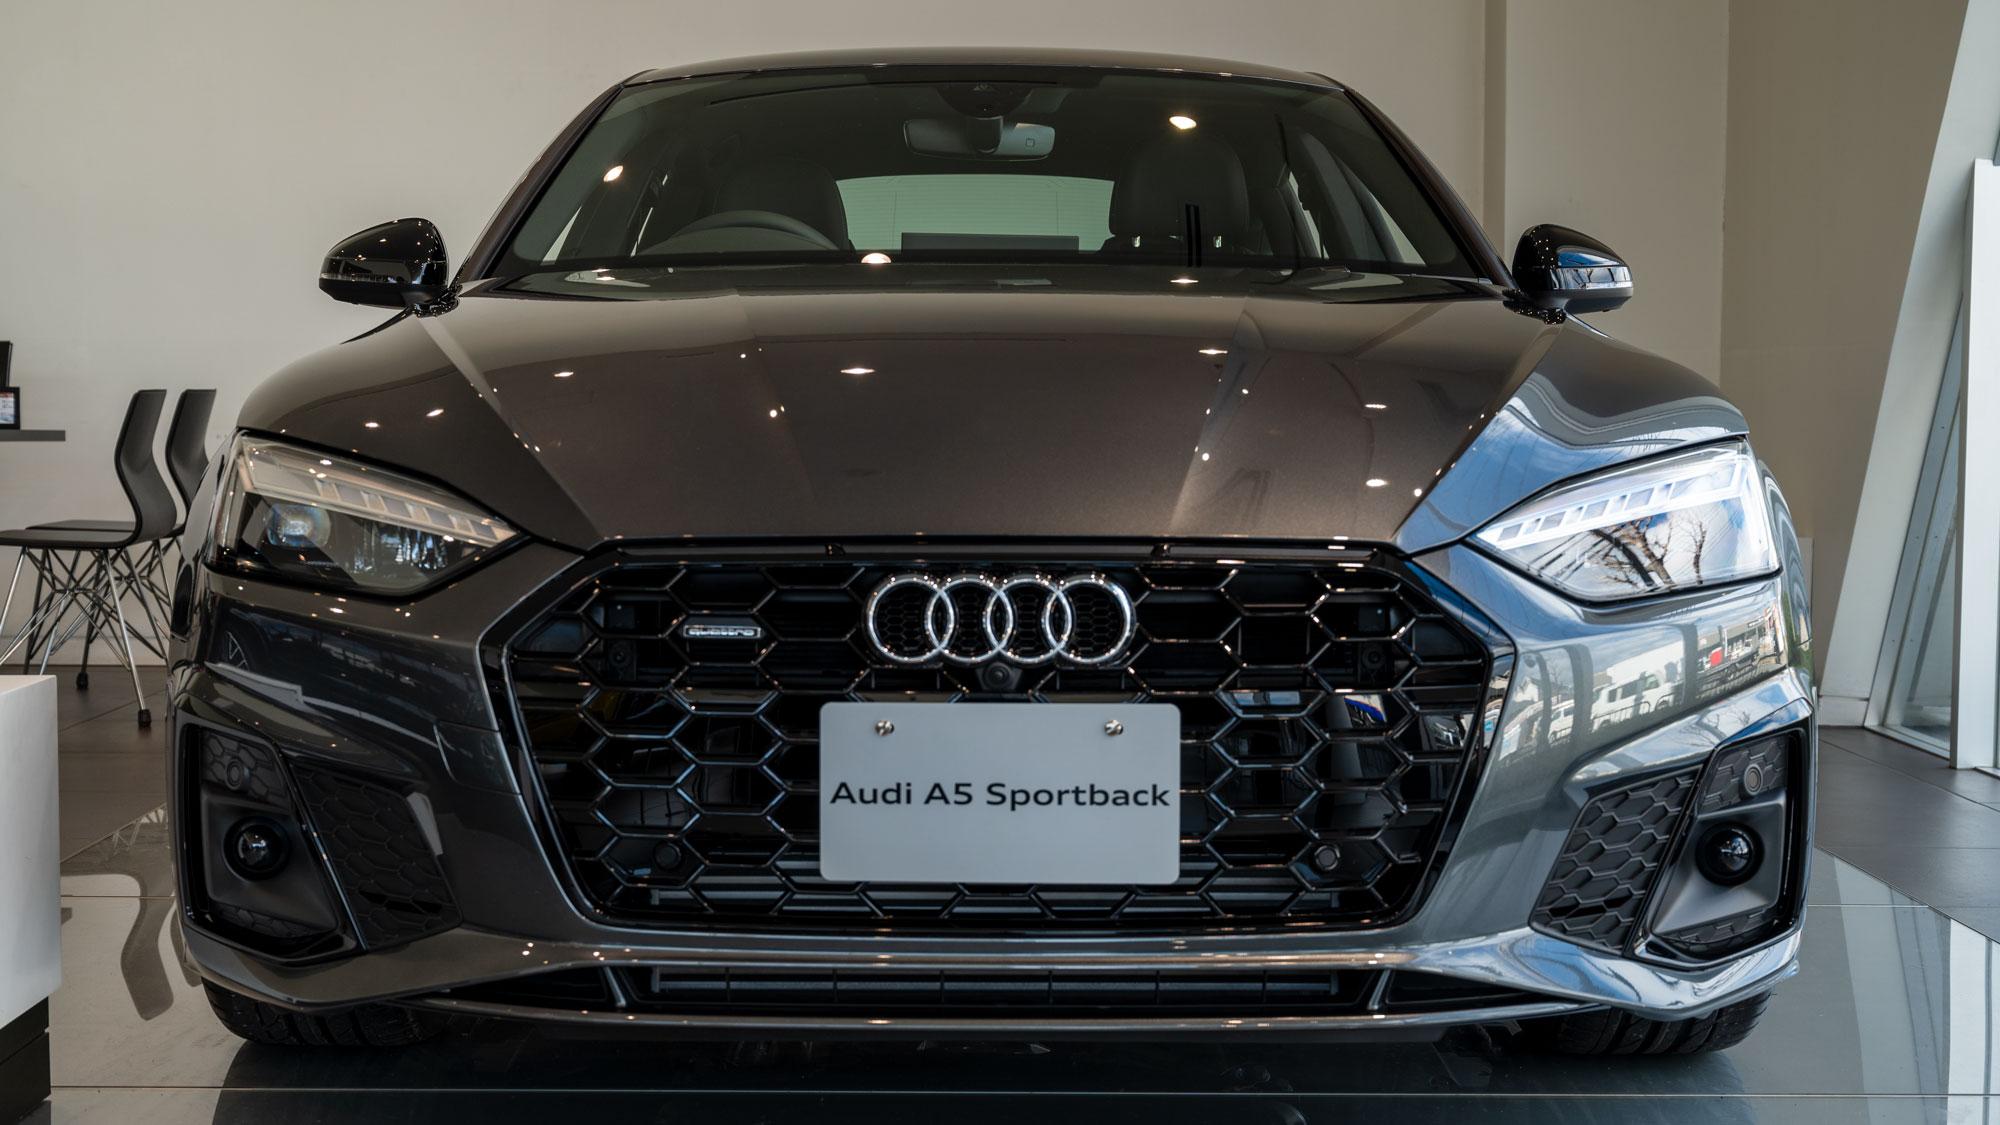 Audi A5 Sportback フロントマスク